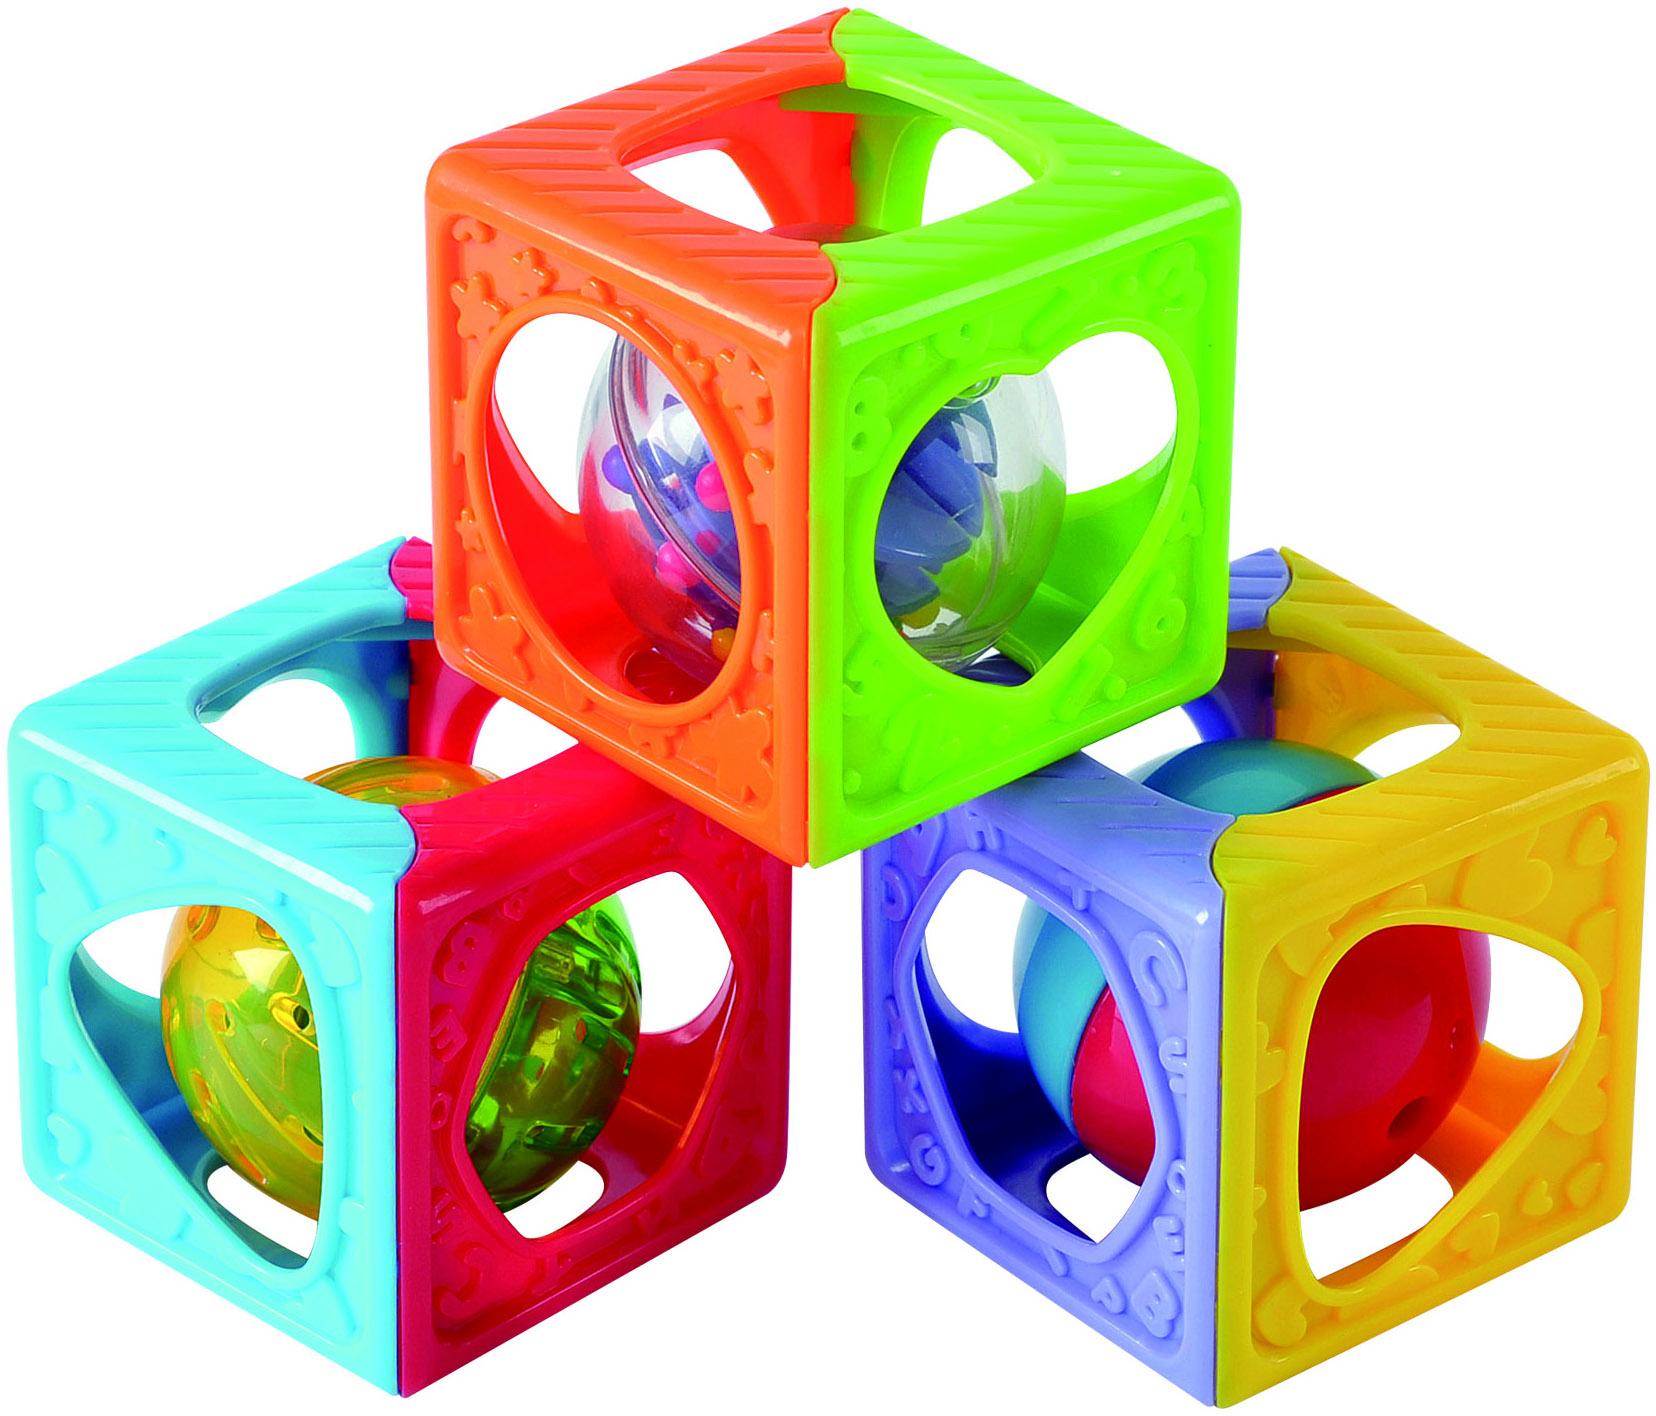 Развивающие игрушки PLAYGO Забавные кубики-погремушка playgo игровой центр развивающие кубики погремушка play 1520